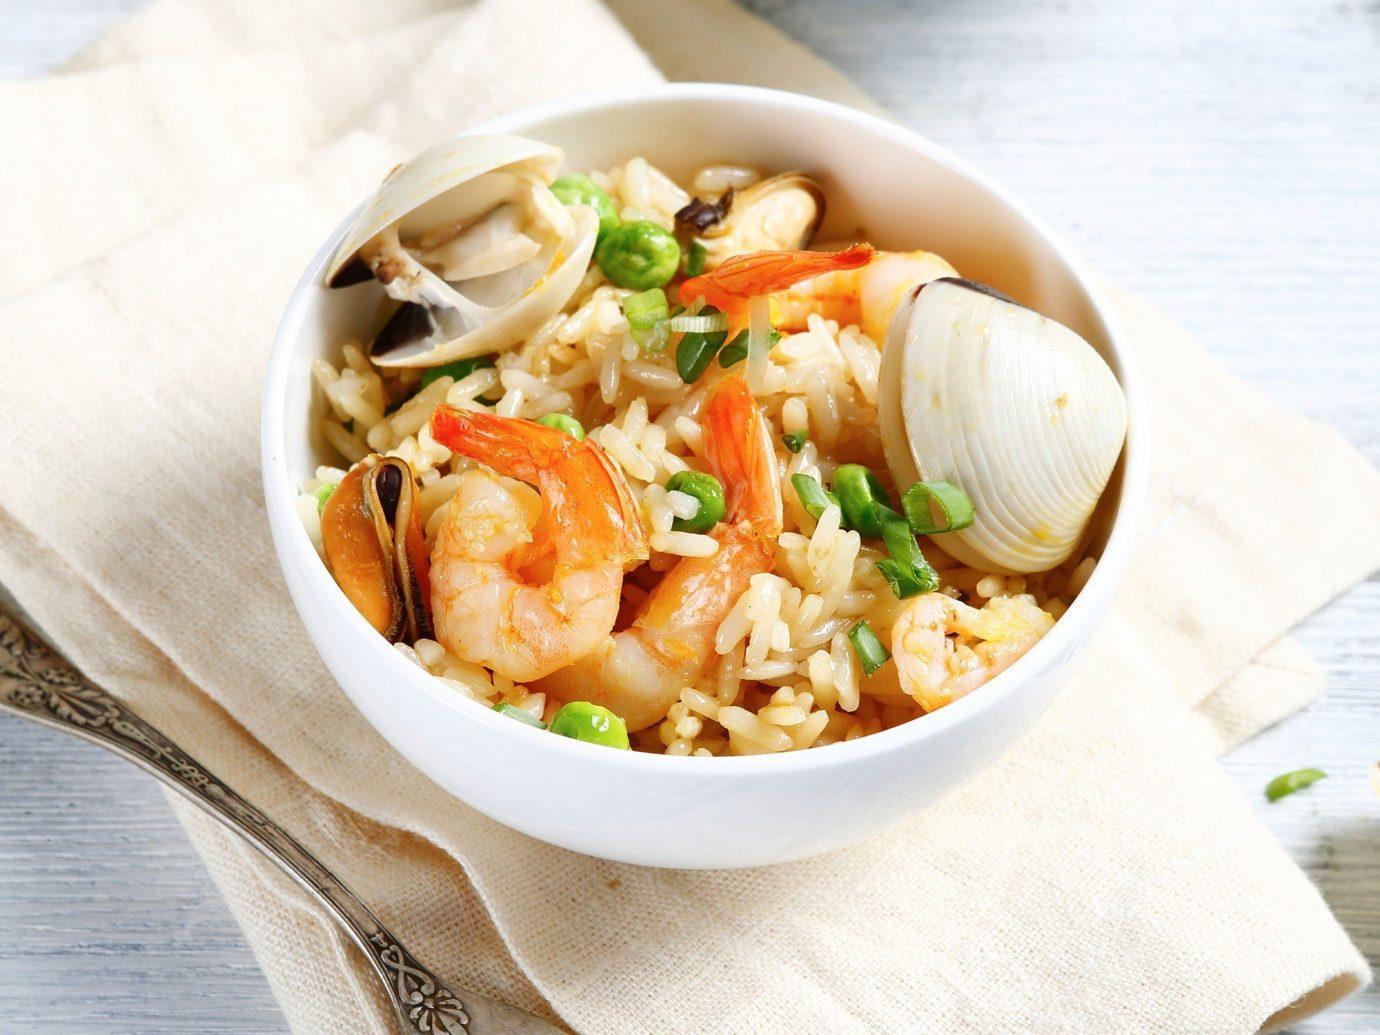 Food + Drink food dish plate cuisine Seafood produce vegetable thai food several